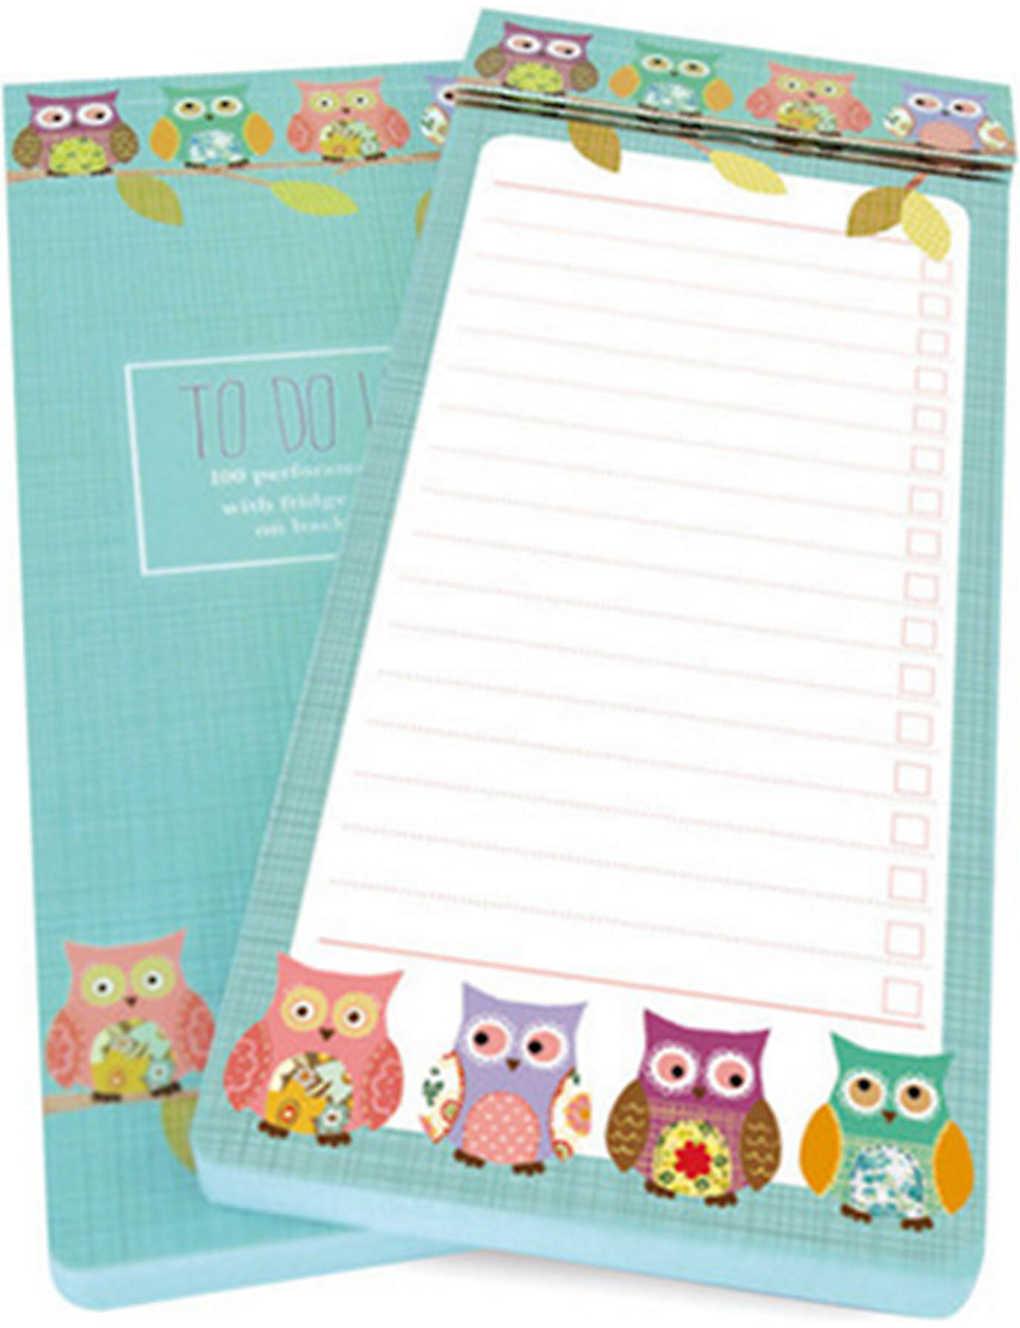 GO STATIONERY - Owls To Do list pad | Selfridges com